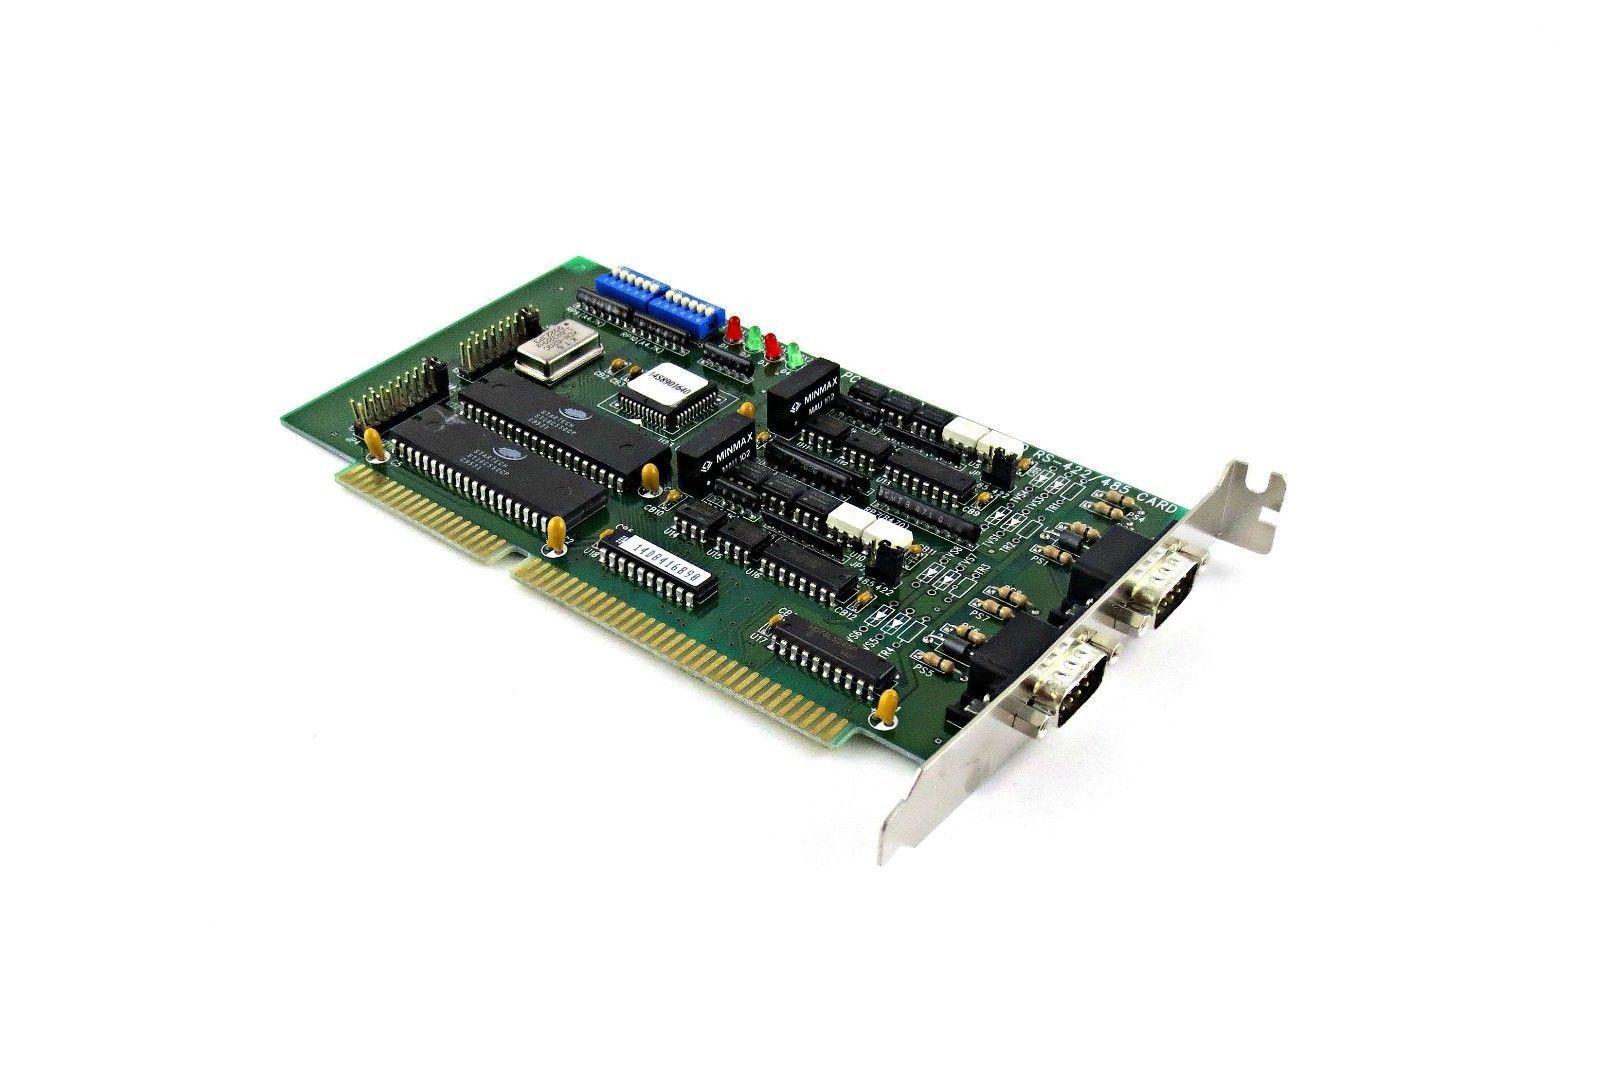 Плата промышленного оборудования PCL-745B REV.B ISOLTED RS-422 485 CARD Интерфейс ISA